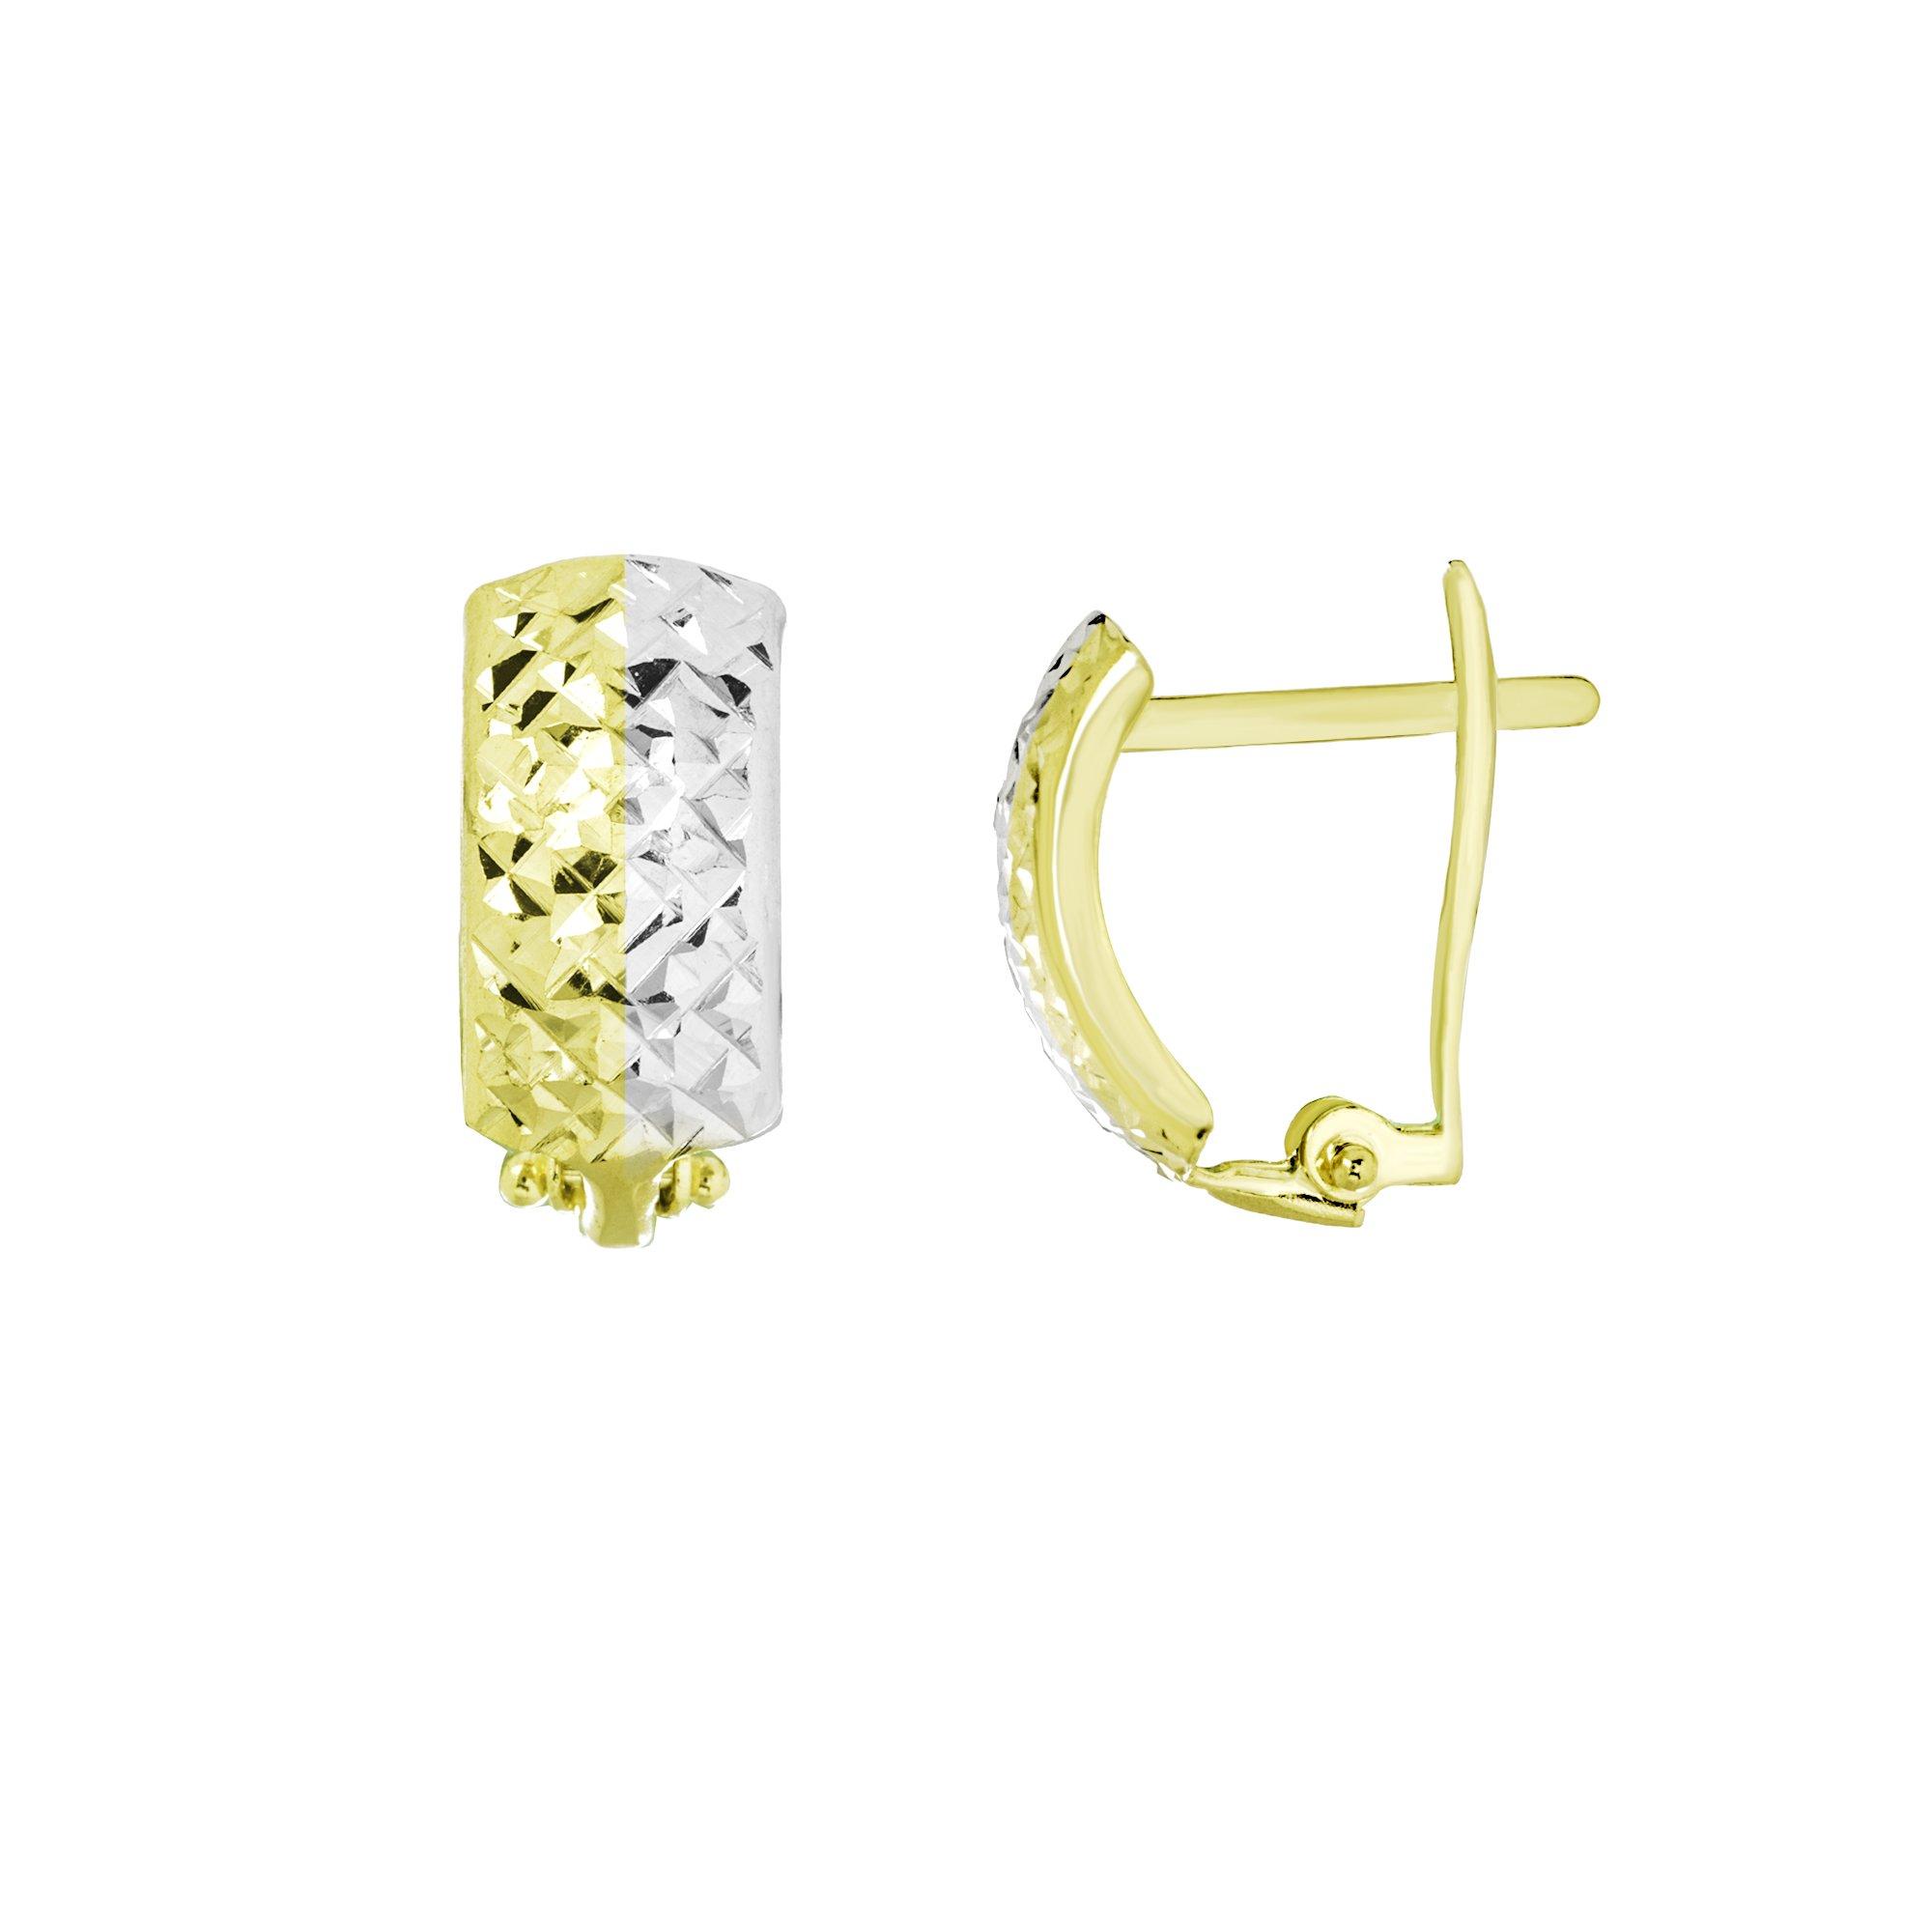 CLIP BACK EARRINGS, 10KT GOLD TWO TONE CRISS CROSS DIAMOND CUT CLIP BACK EARRINGS